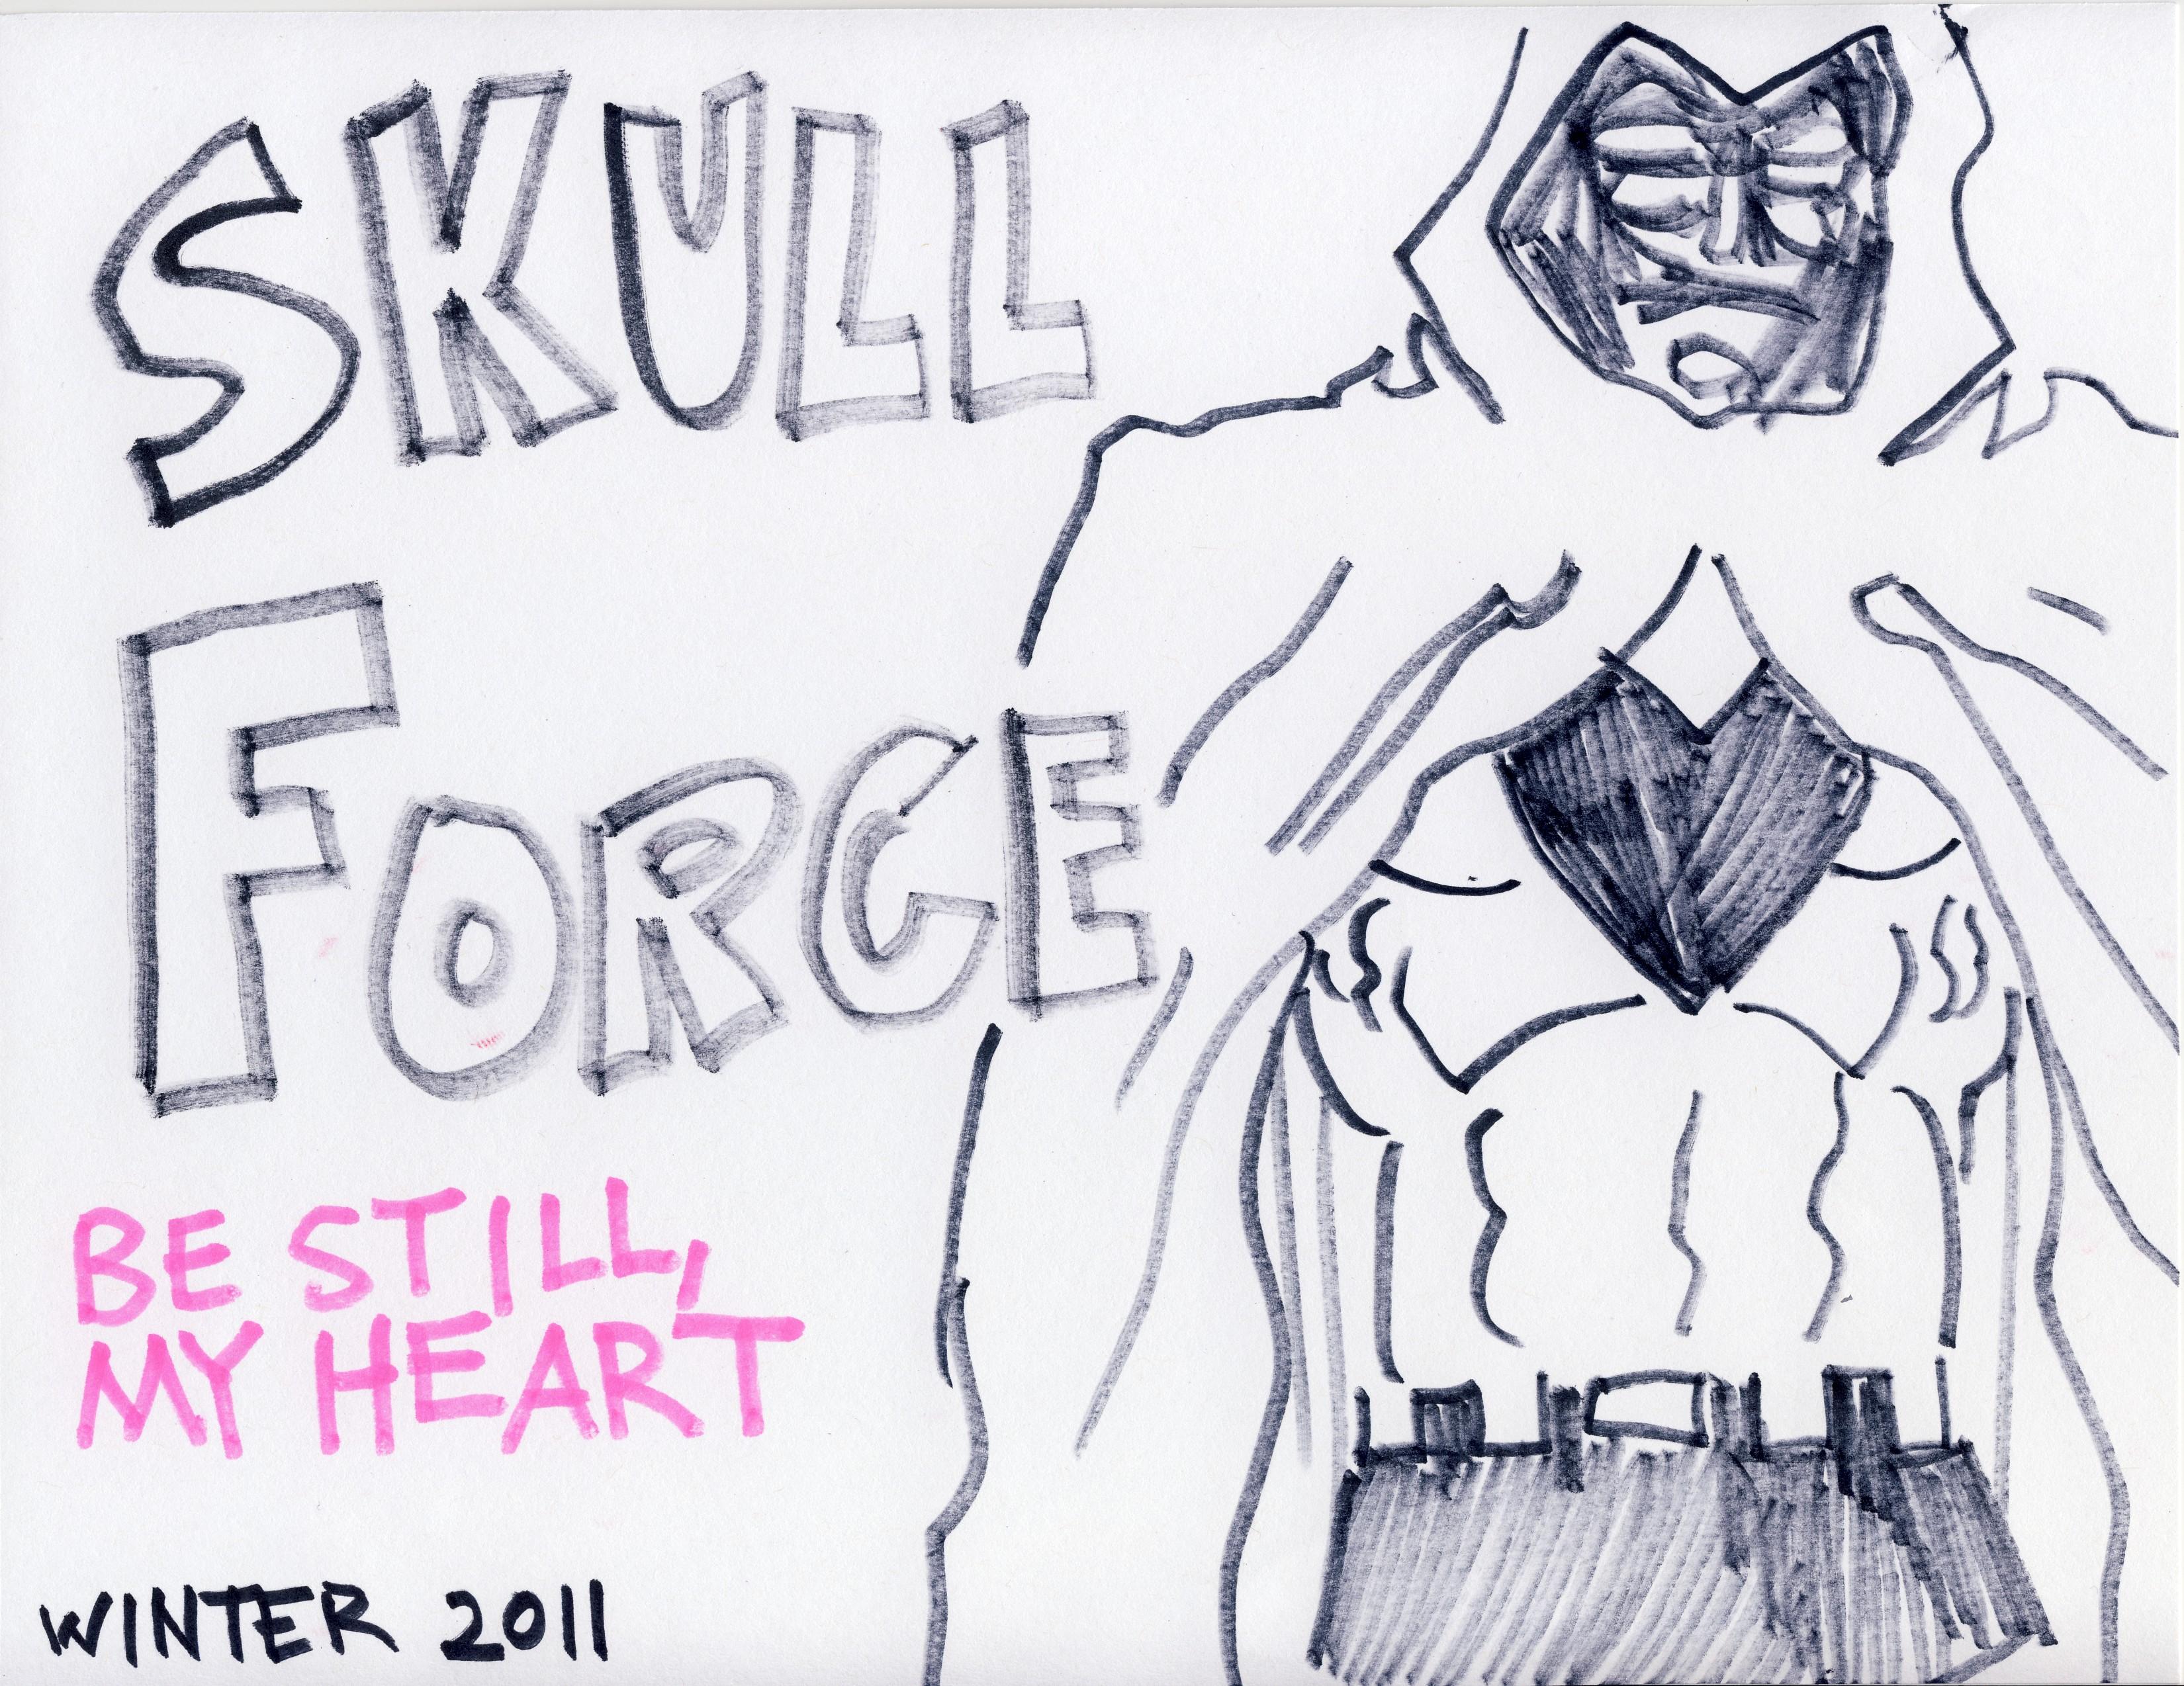 Skull Force Comics 44. Winter 2011: Be Still, My Heart